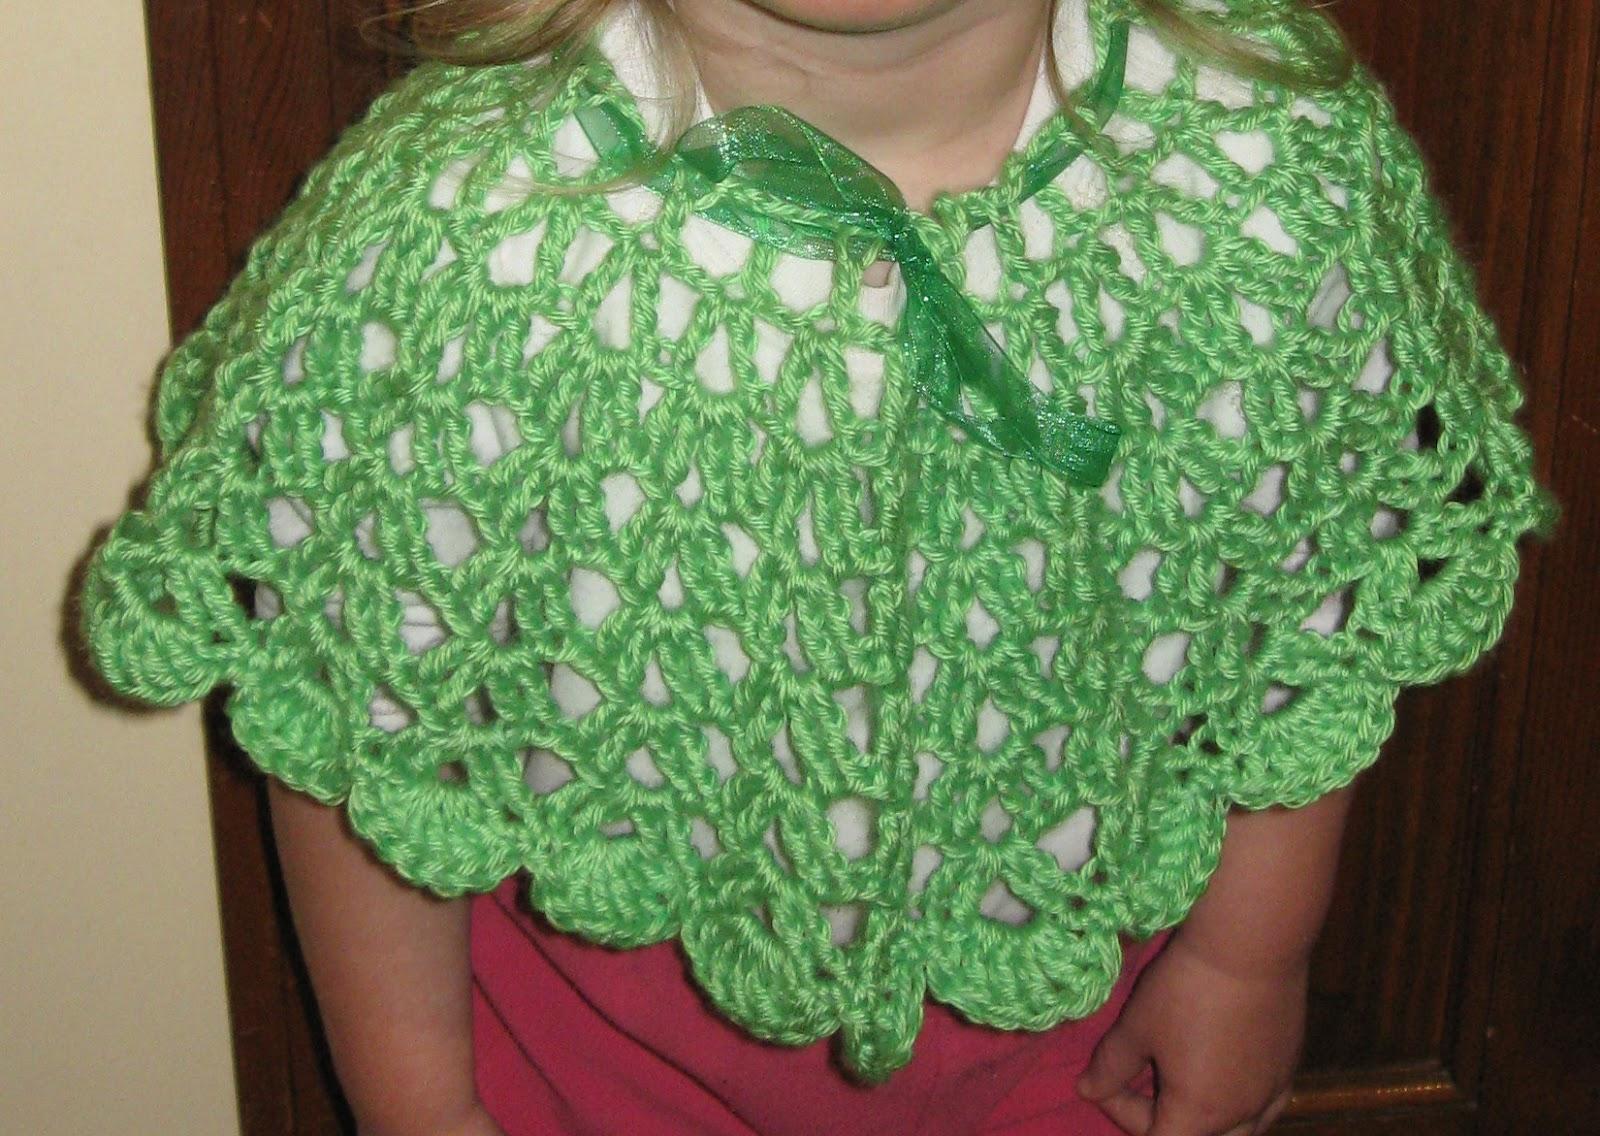 Celtic Knot Crochet Free Patterns